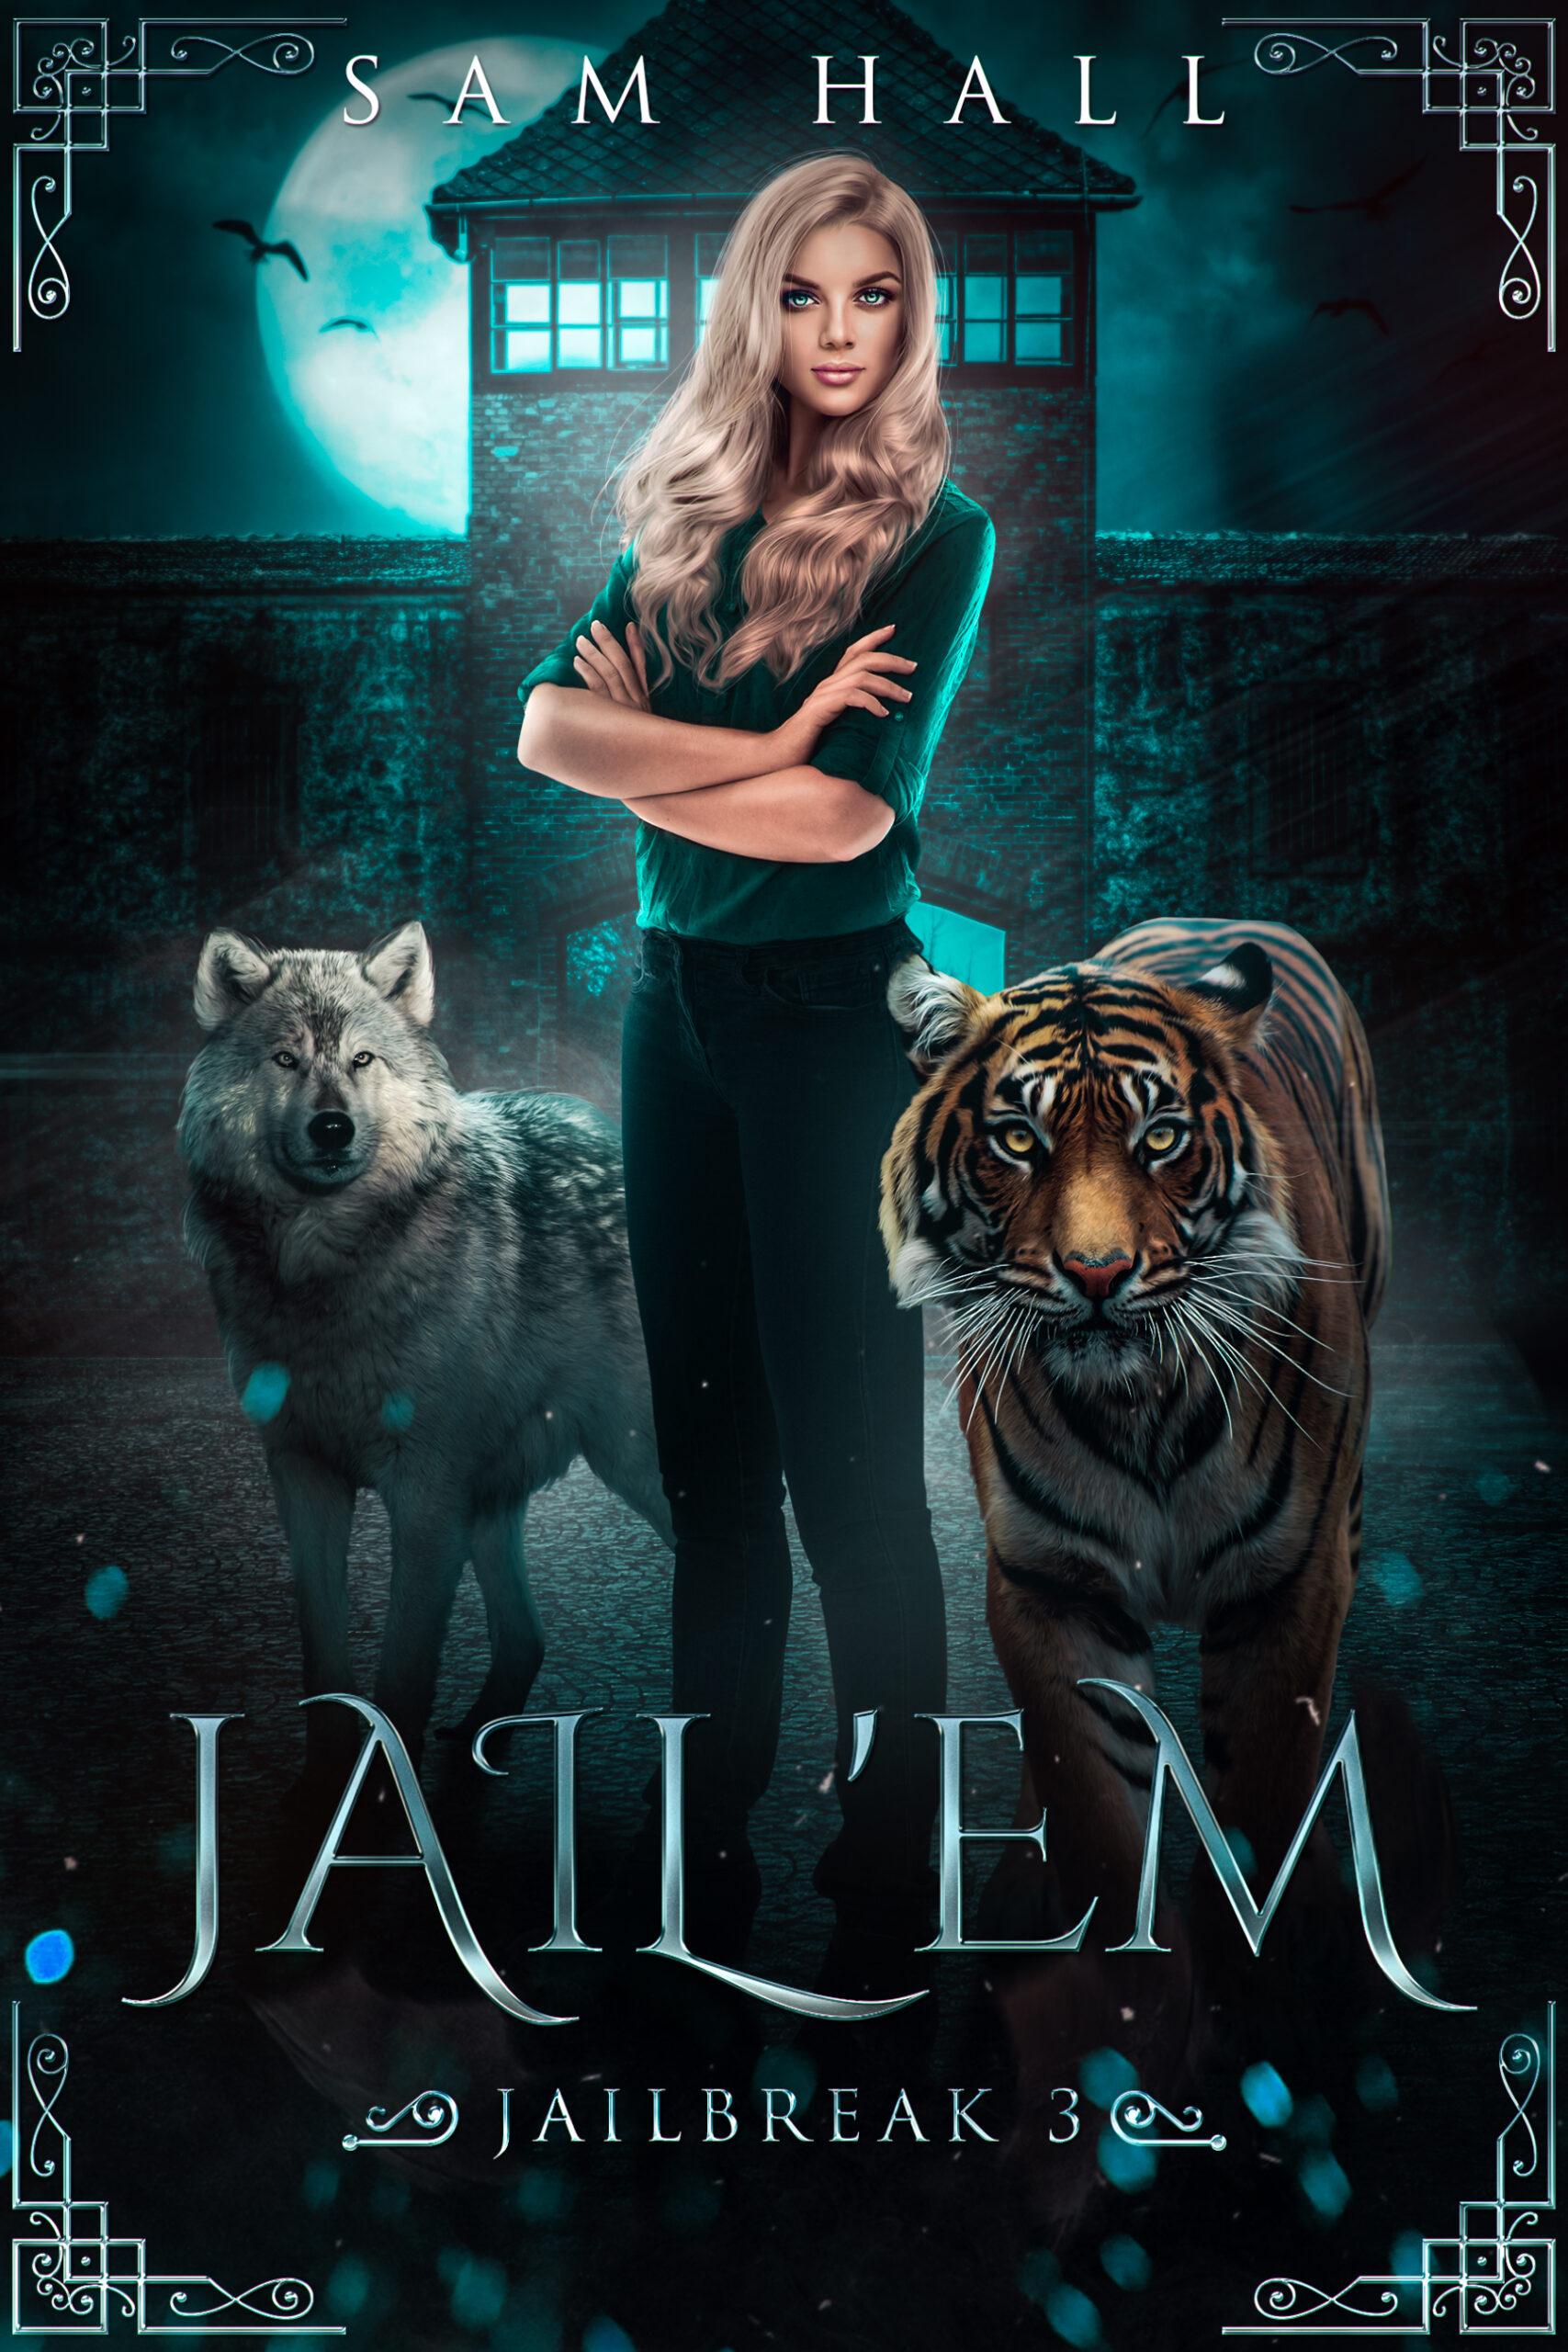 Jail Em